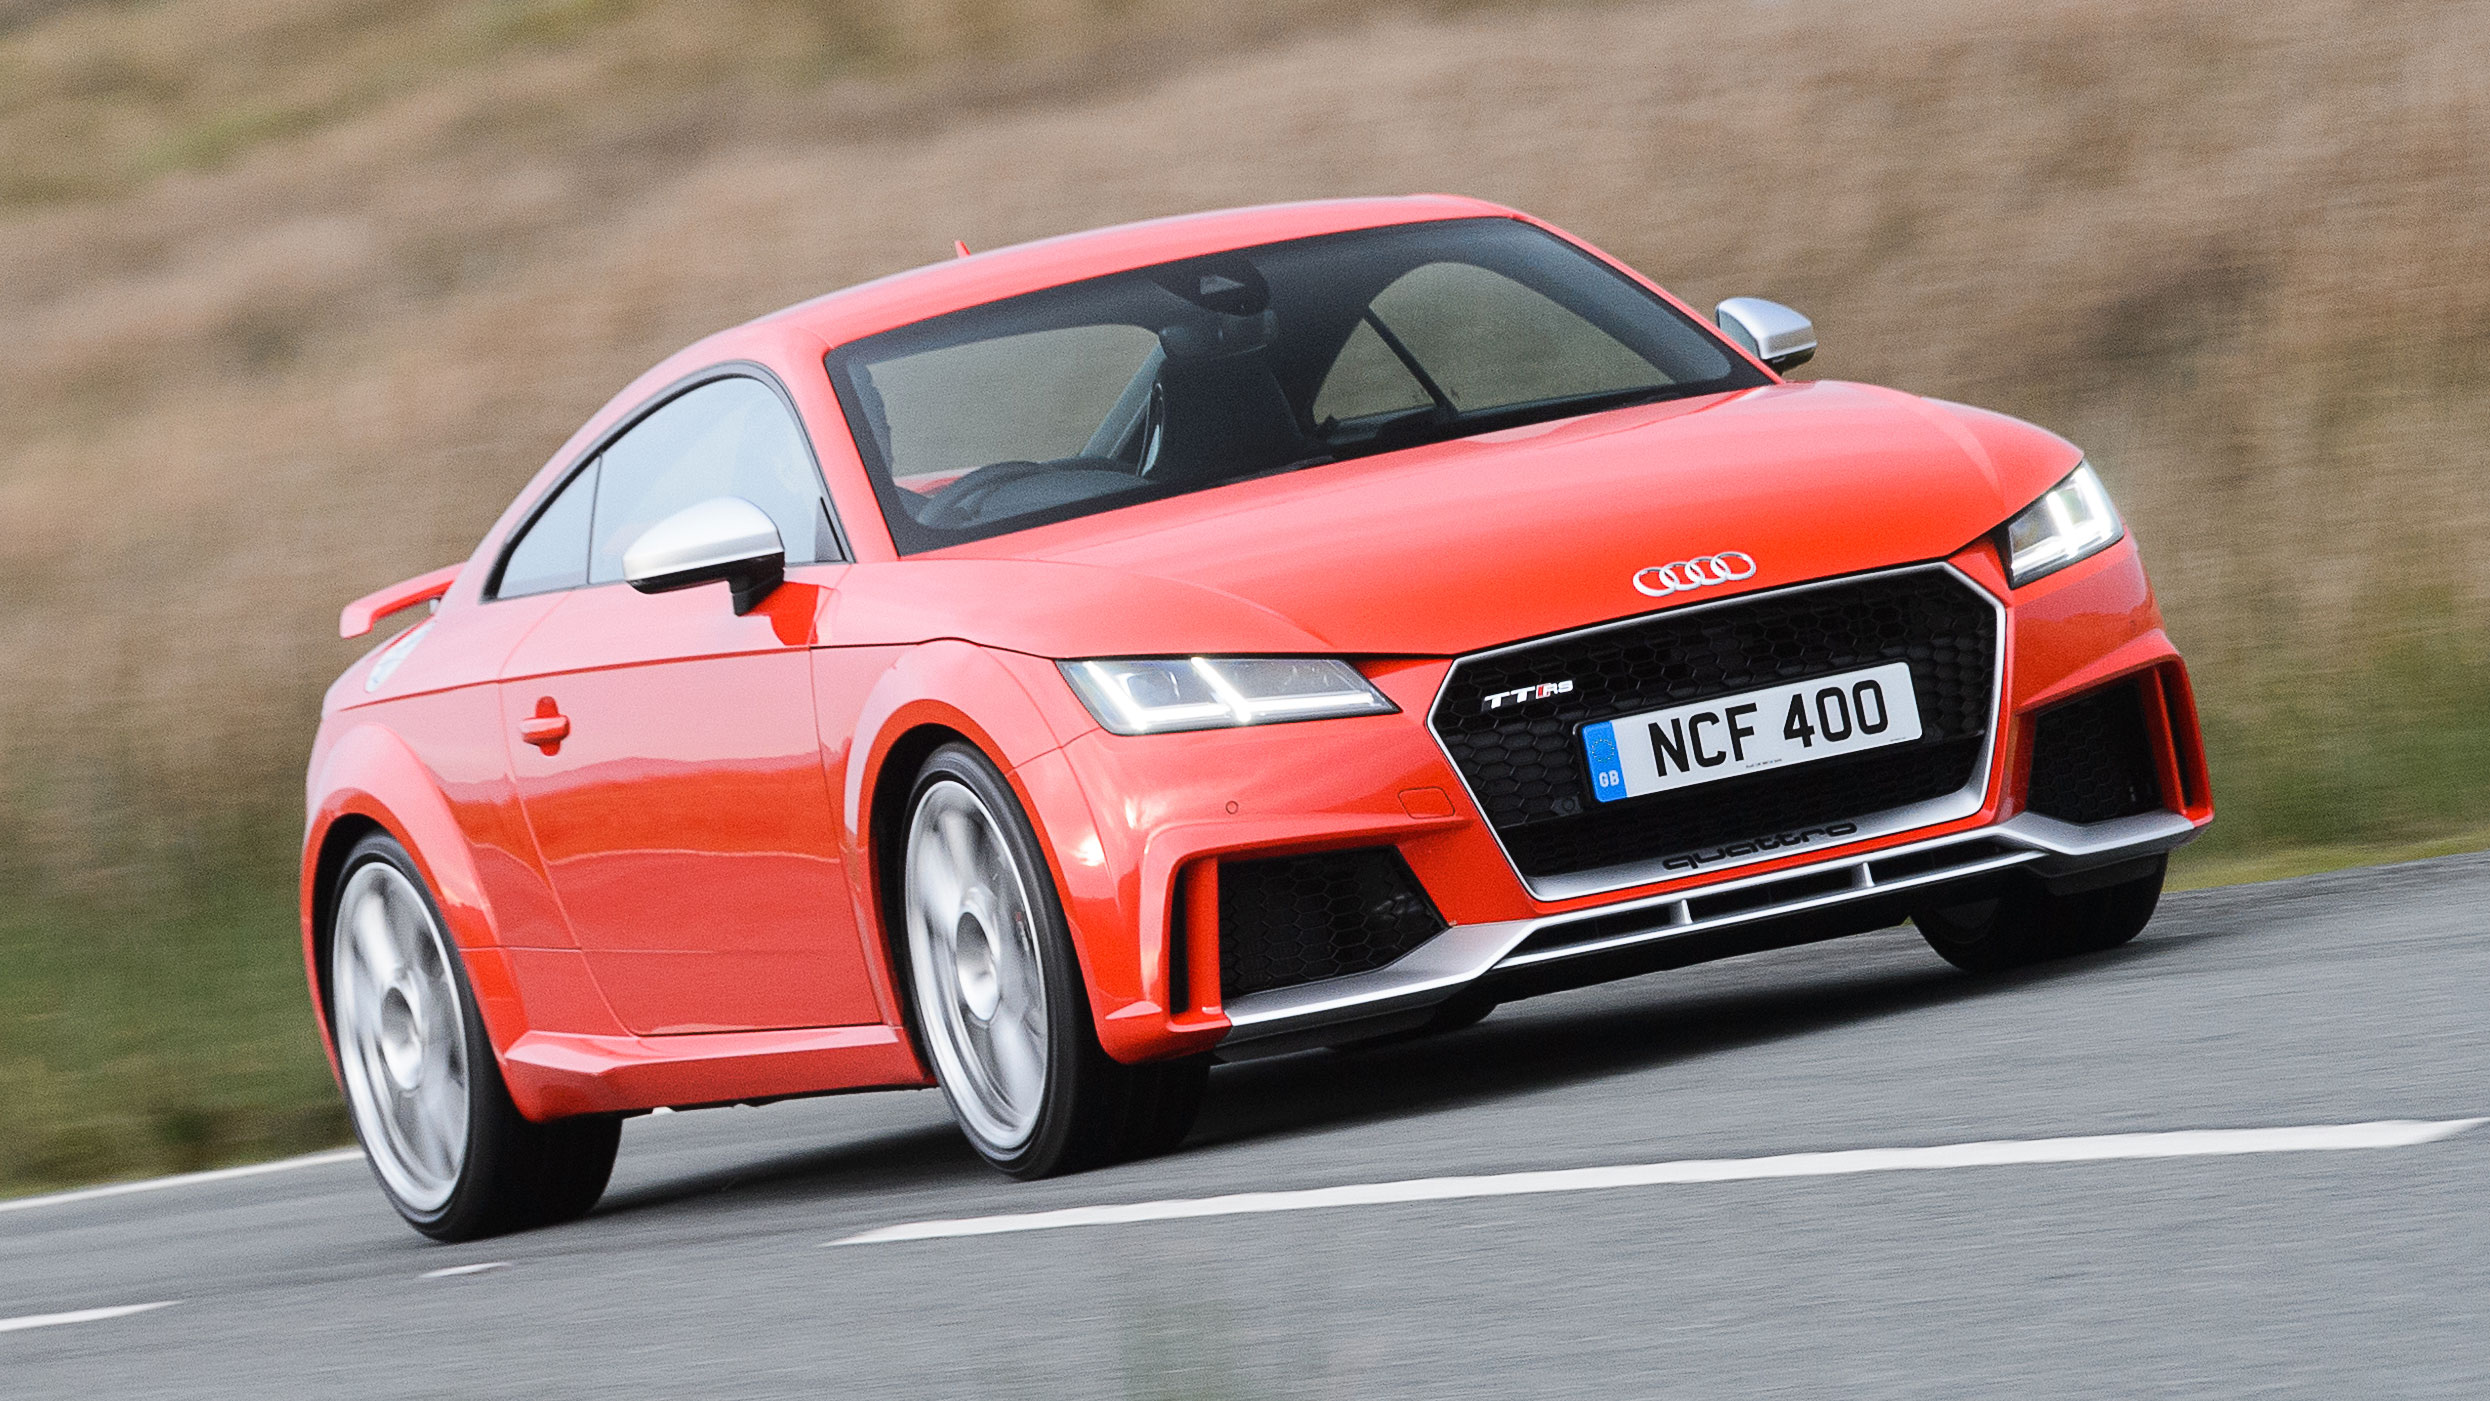 Kelebihan Kekurangan Audi Tt Rs Coupe Perbandingan Harga